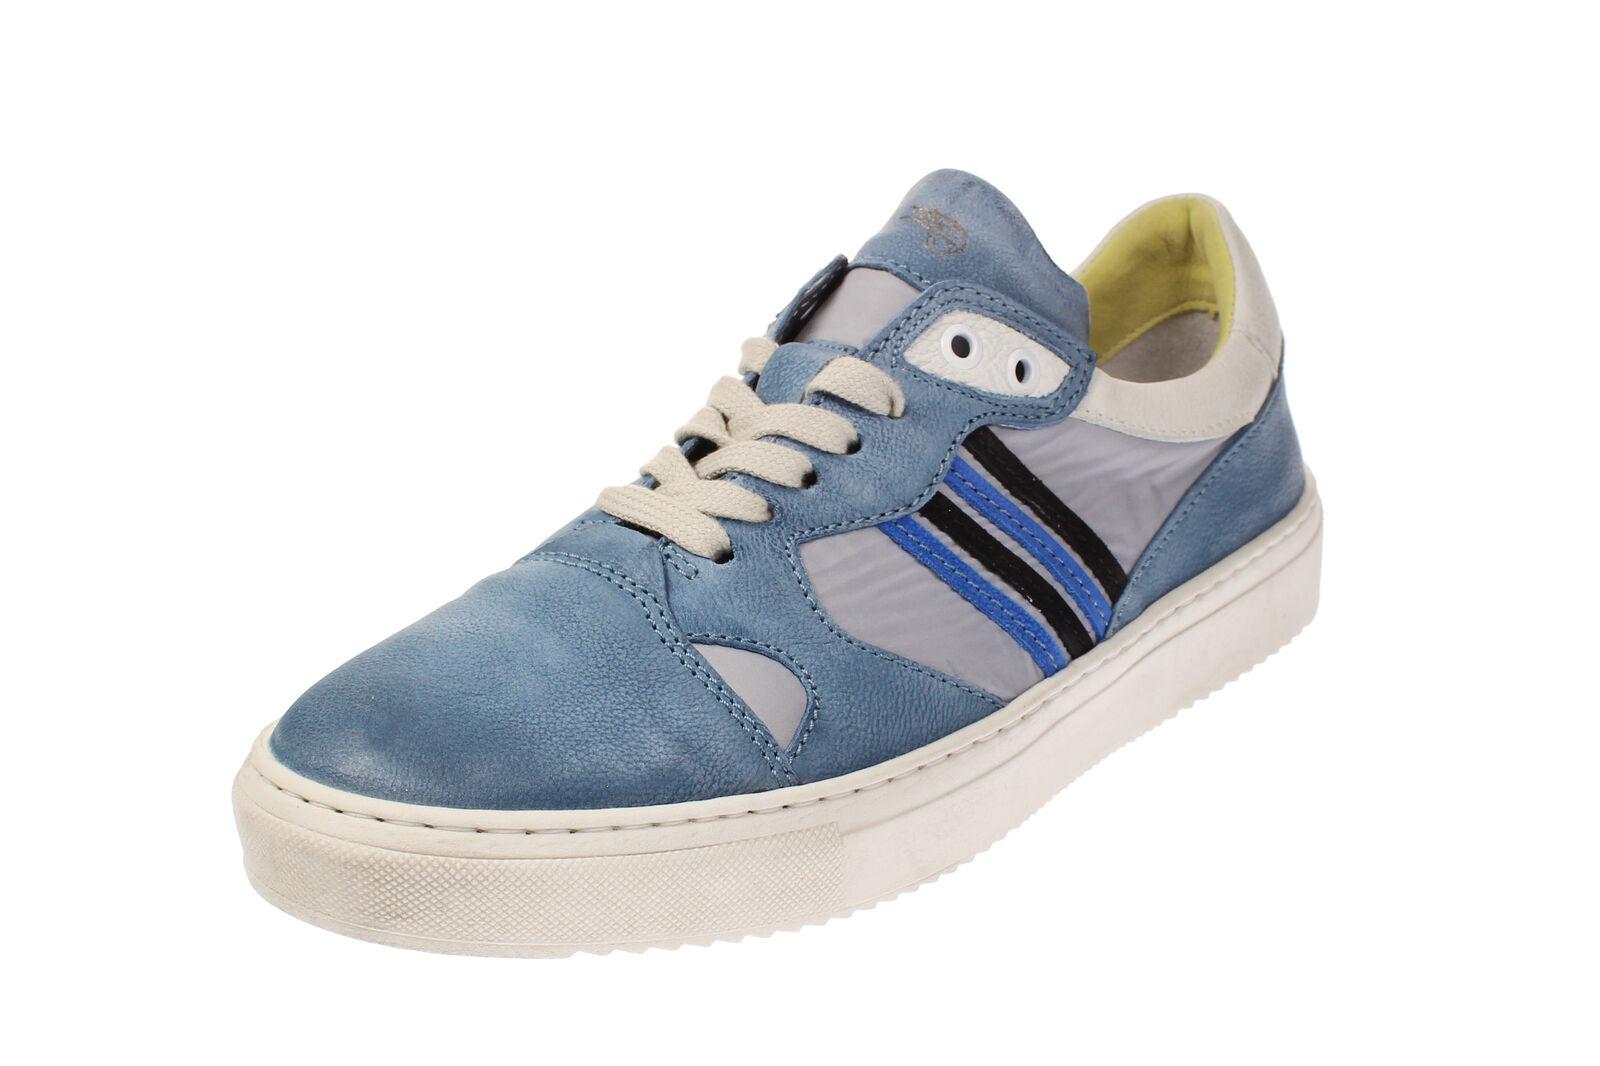 Mjus 379101-202-0001 - caballero zapatos zapatillas-combi - 4-Eden